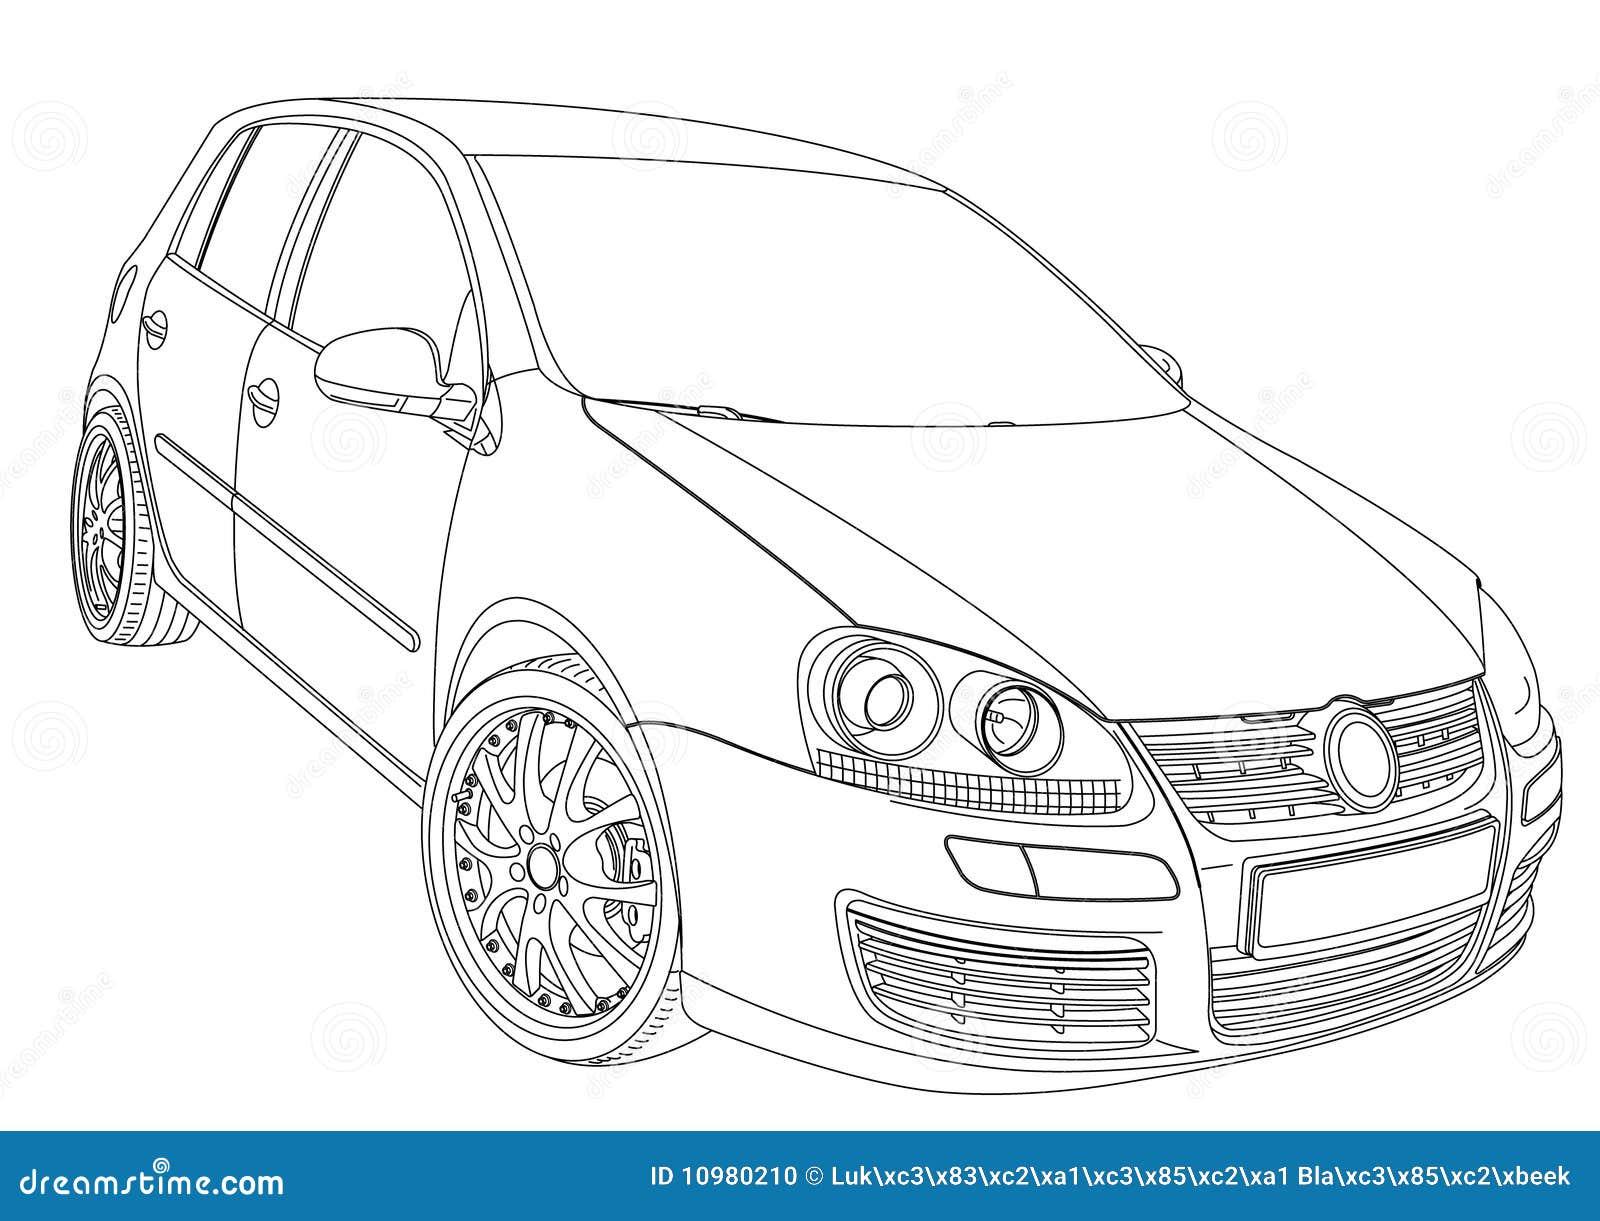 Image Result For Vw Golf Mk1